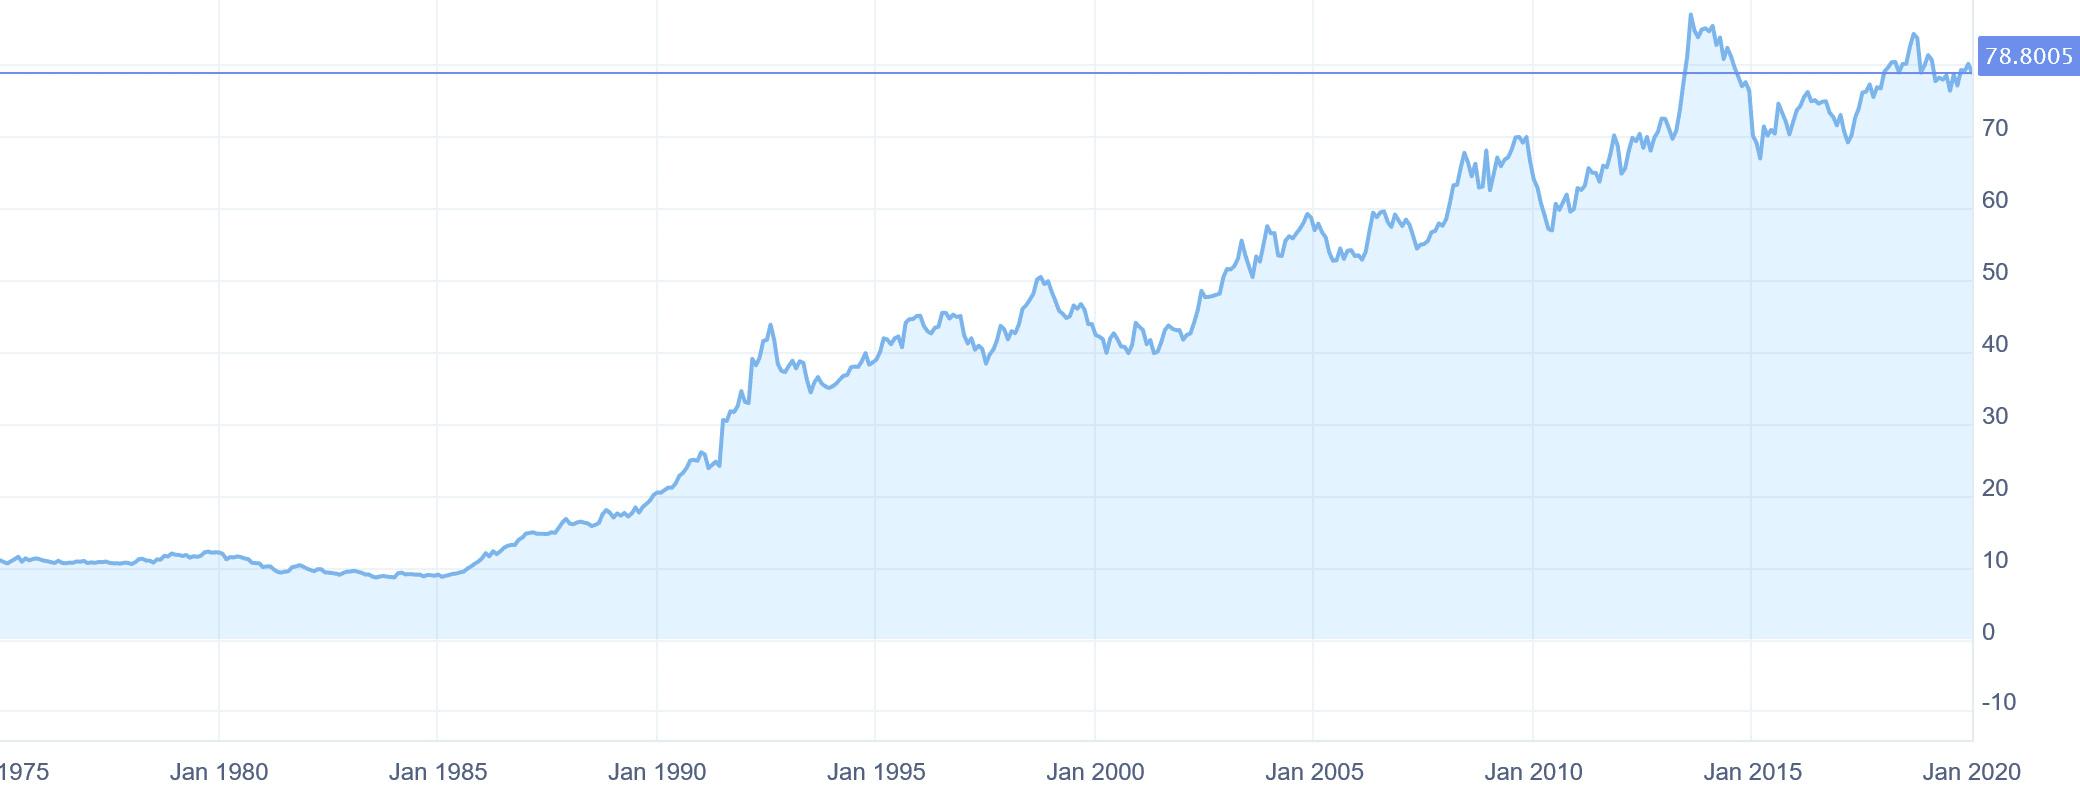 Euro To Inr Forecast For 2020 Bookmyforex Com